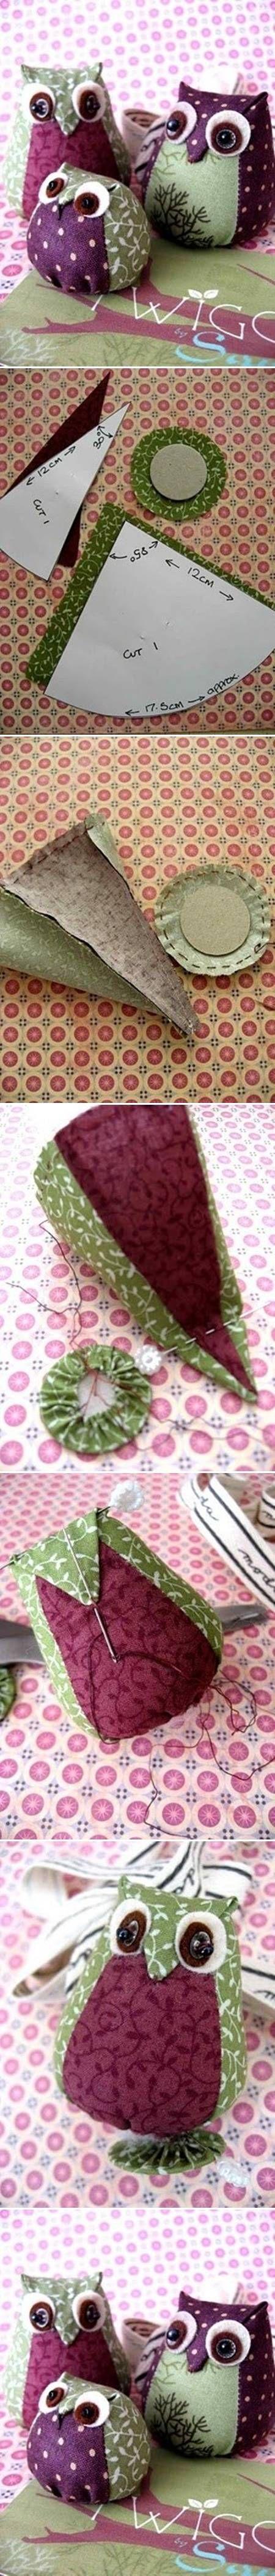 DIY Easy Fabric Owl DIY Easy Fabric Owl